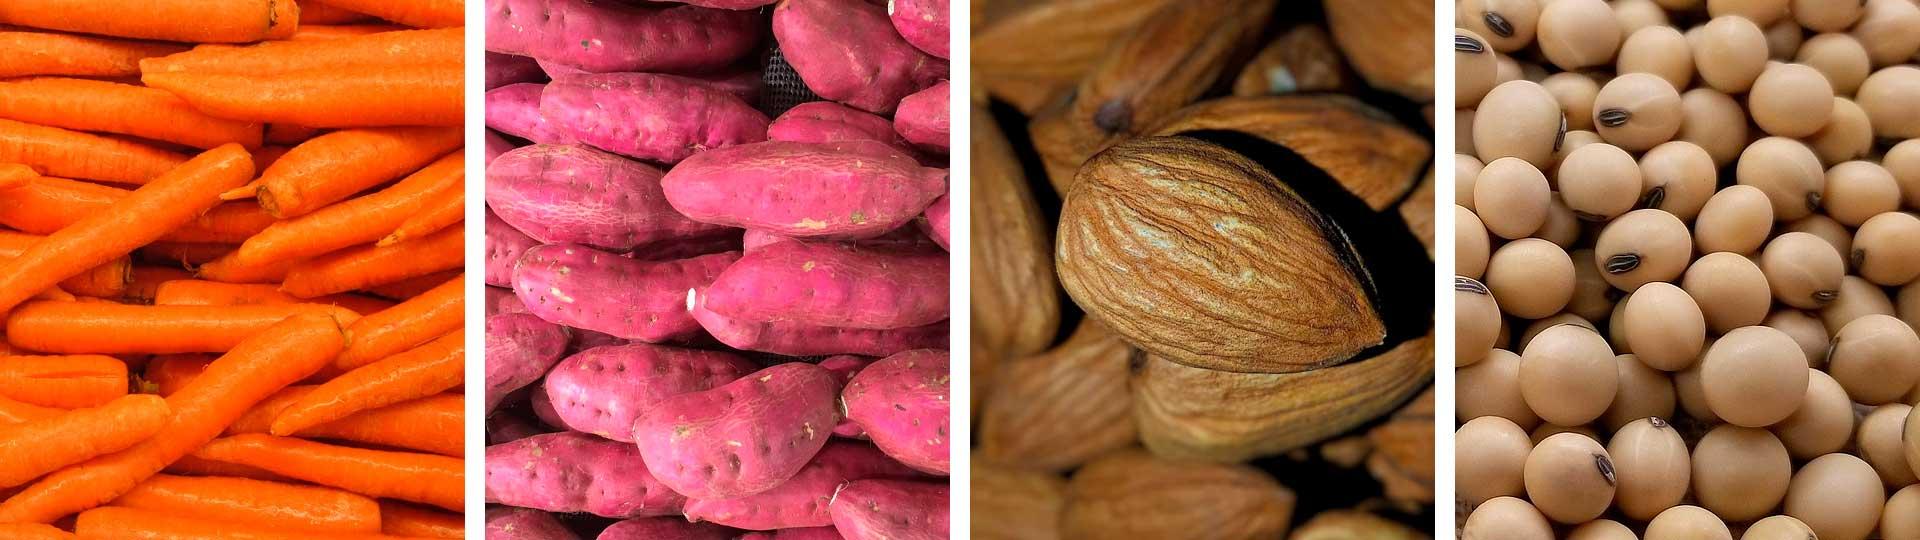 колаж от четири снимки: моркови, сладки картофи, бадеми и соя